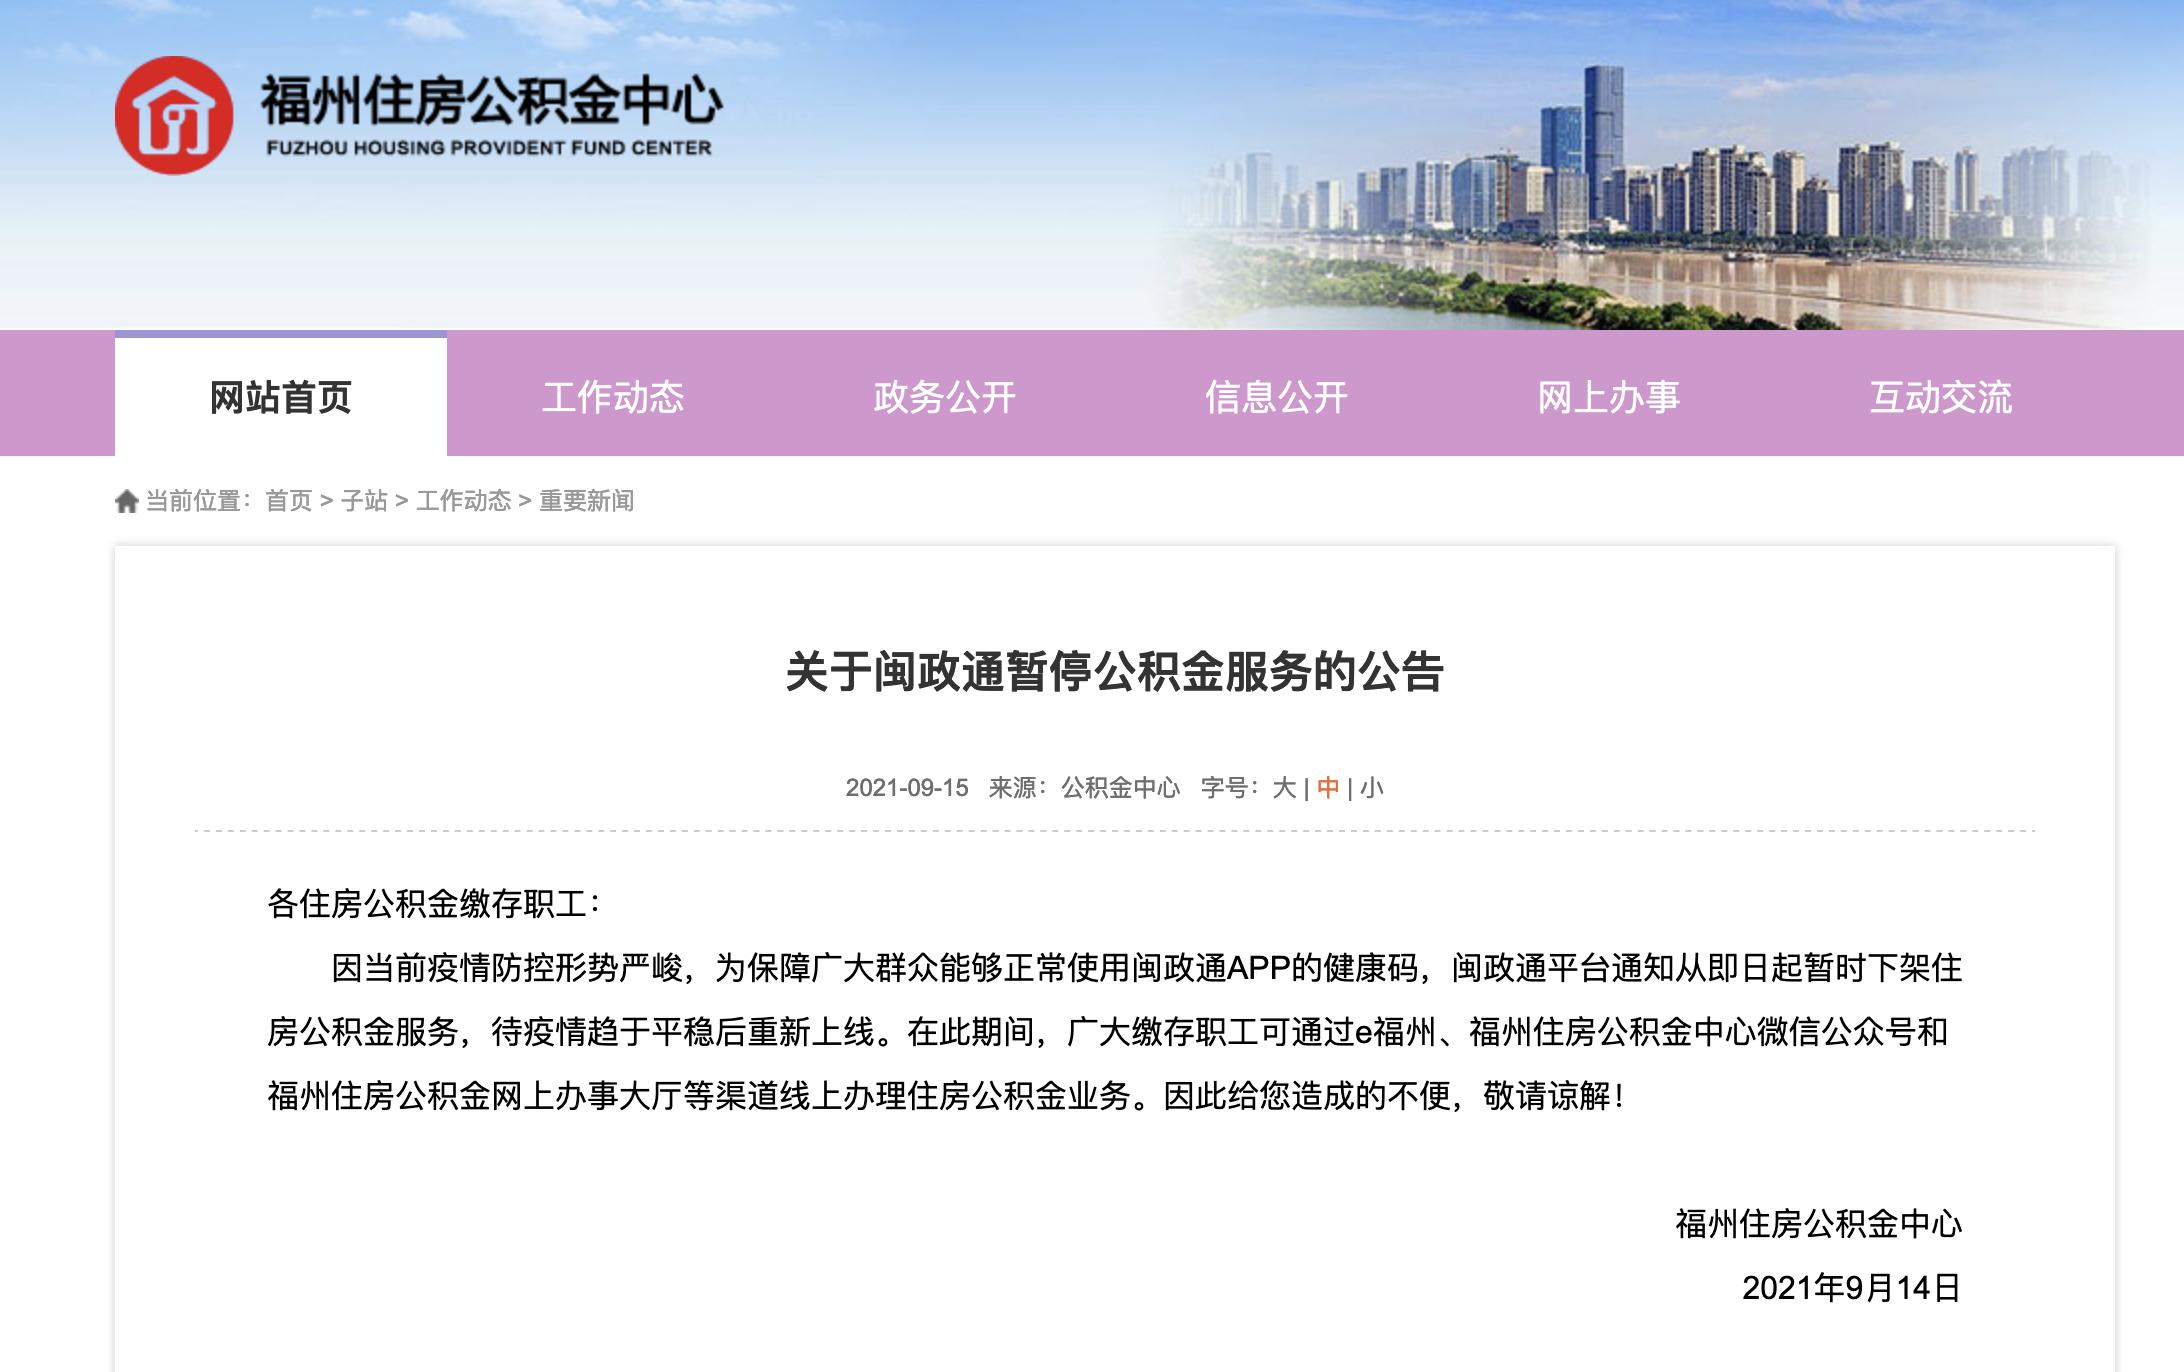 福建福州闽政通即日起暂停公积金服务